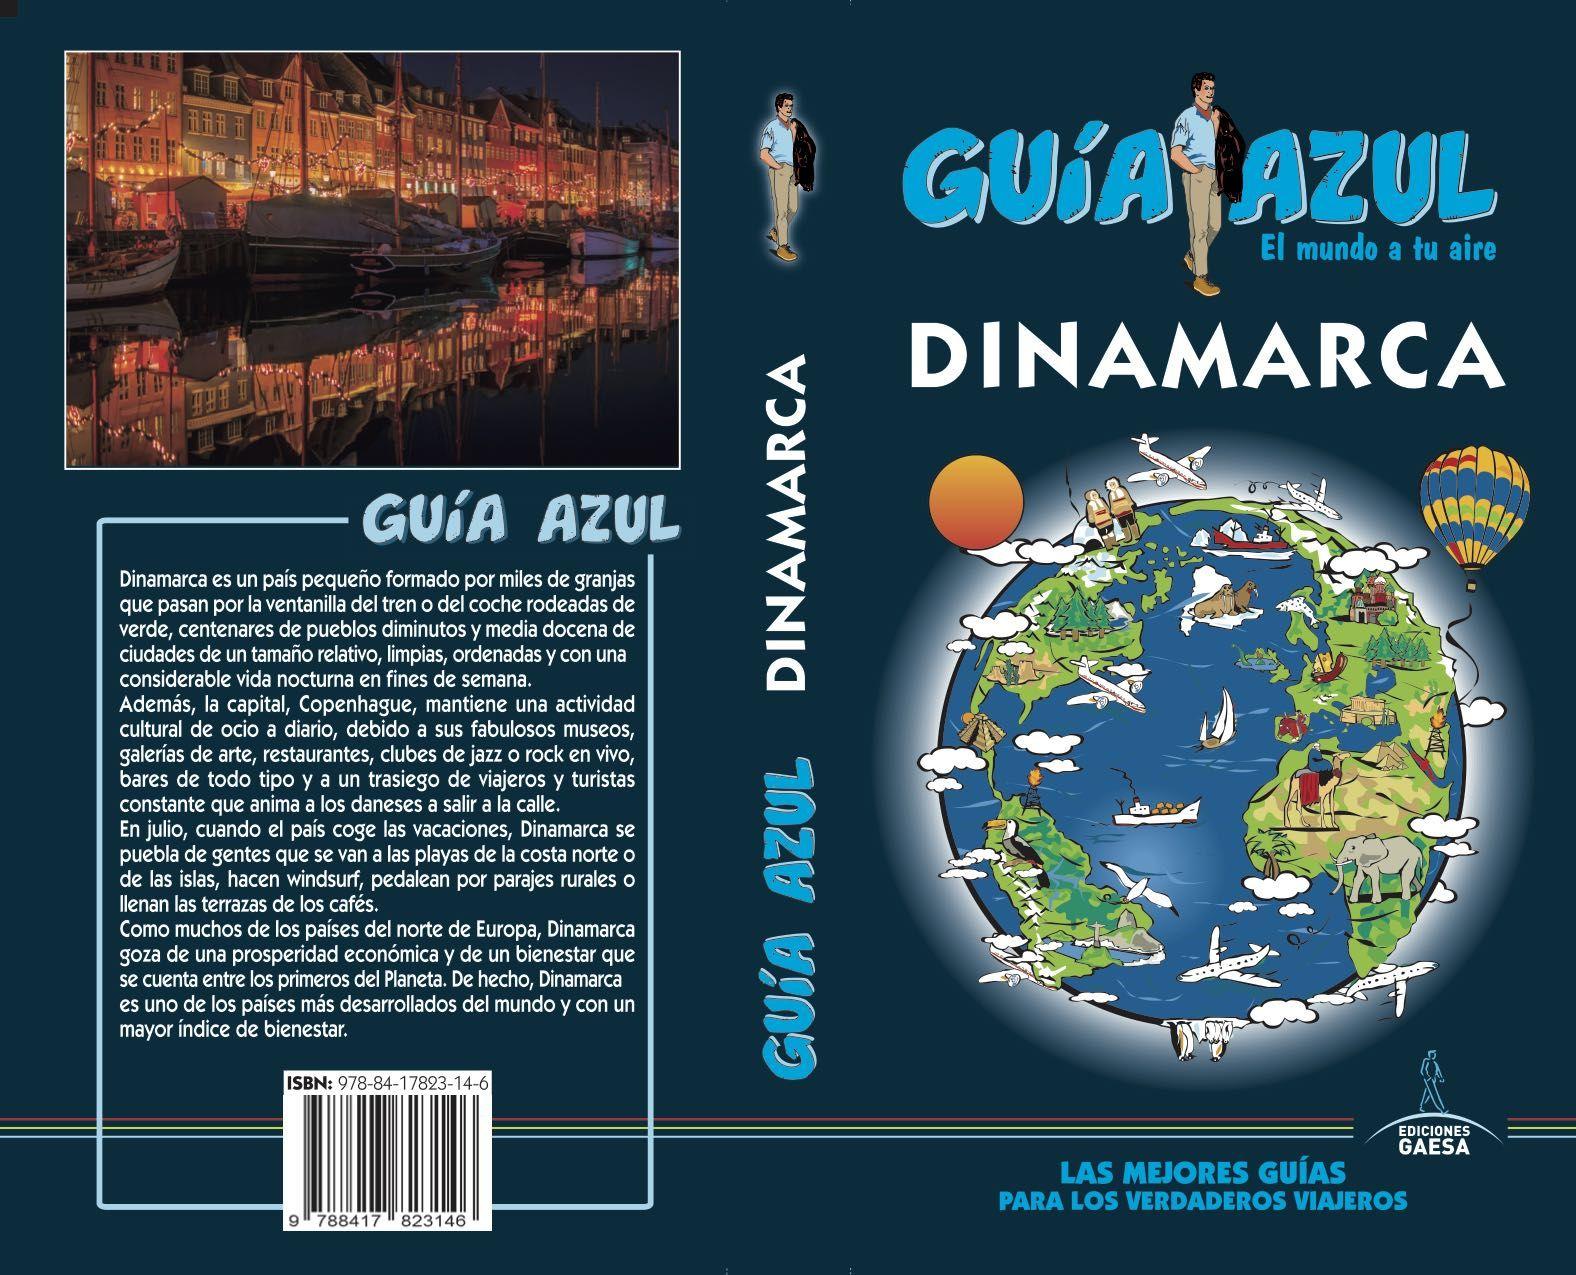 DINAMARCA GUIA AZUL